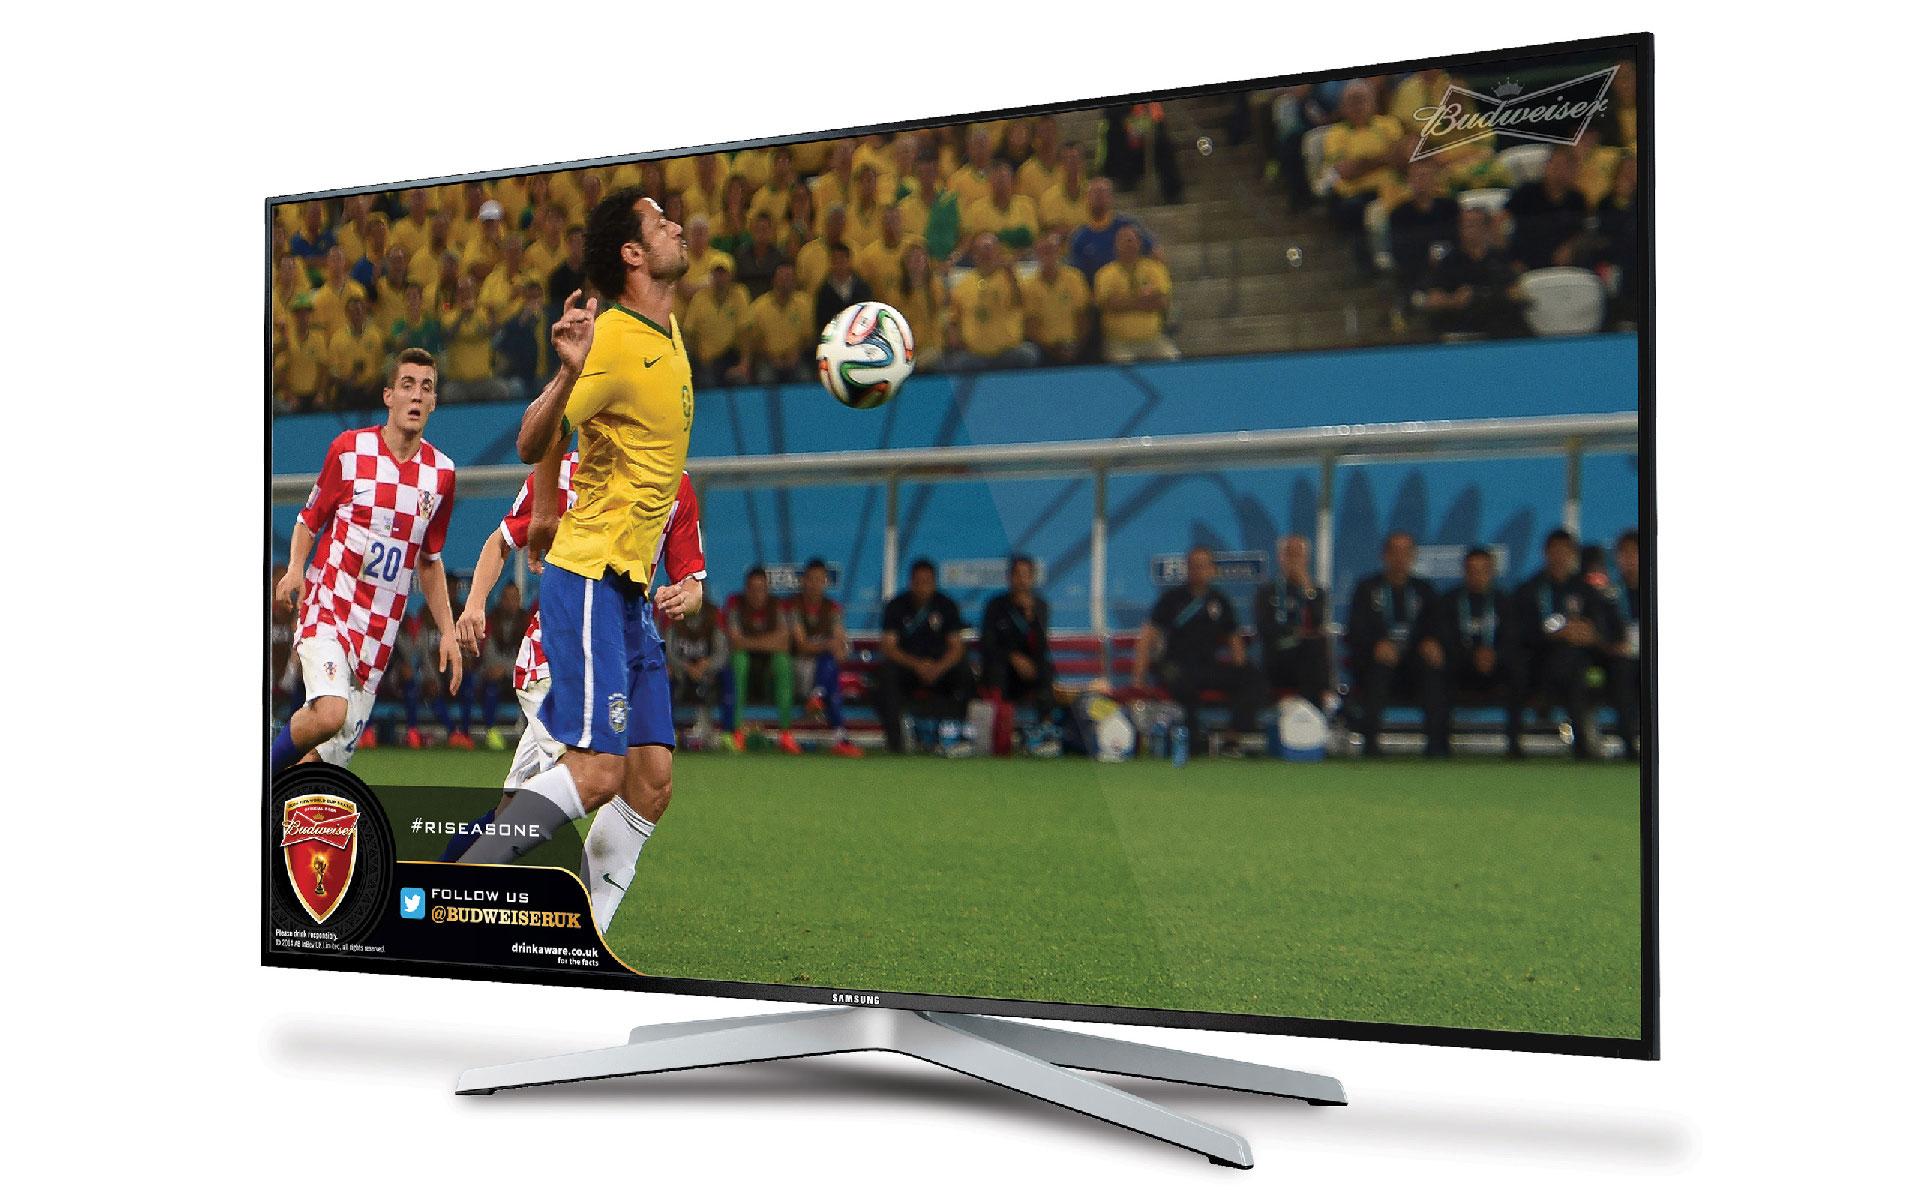 Budweiser - Smart TV (social)